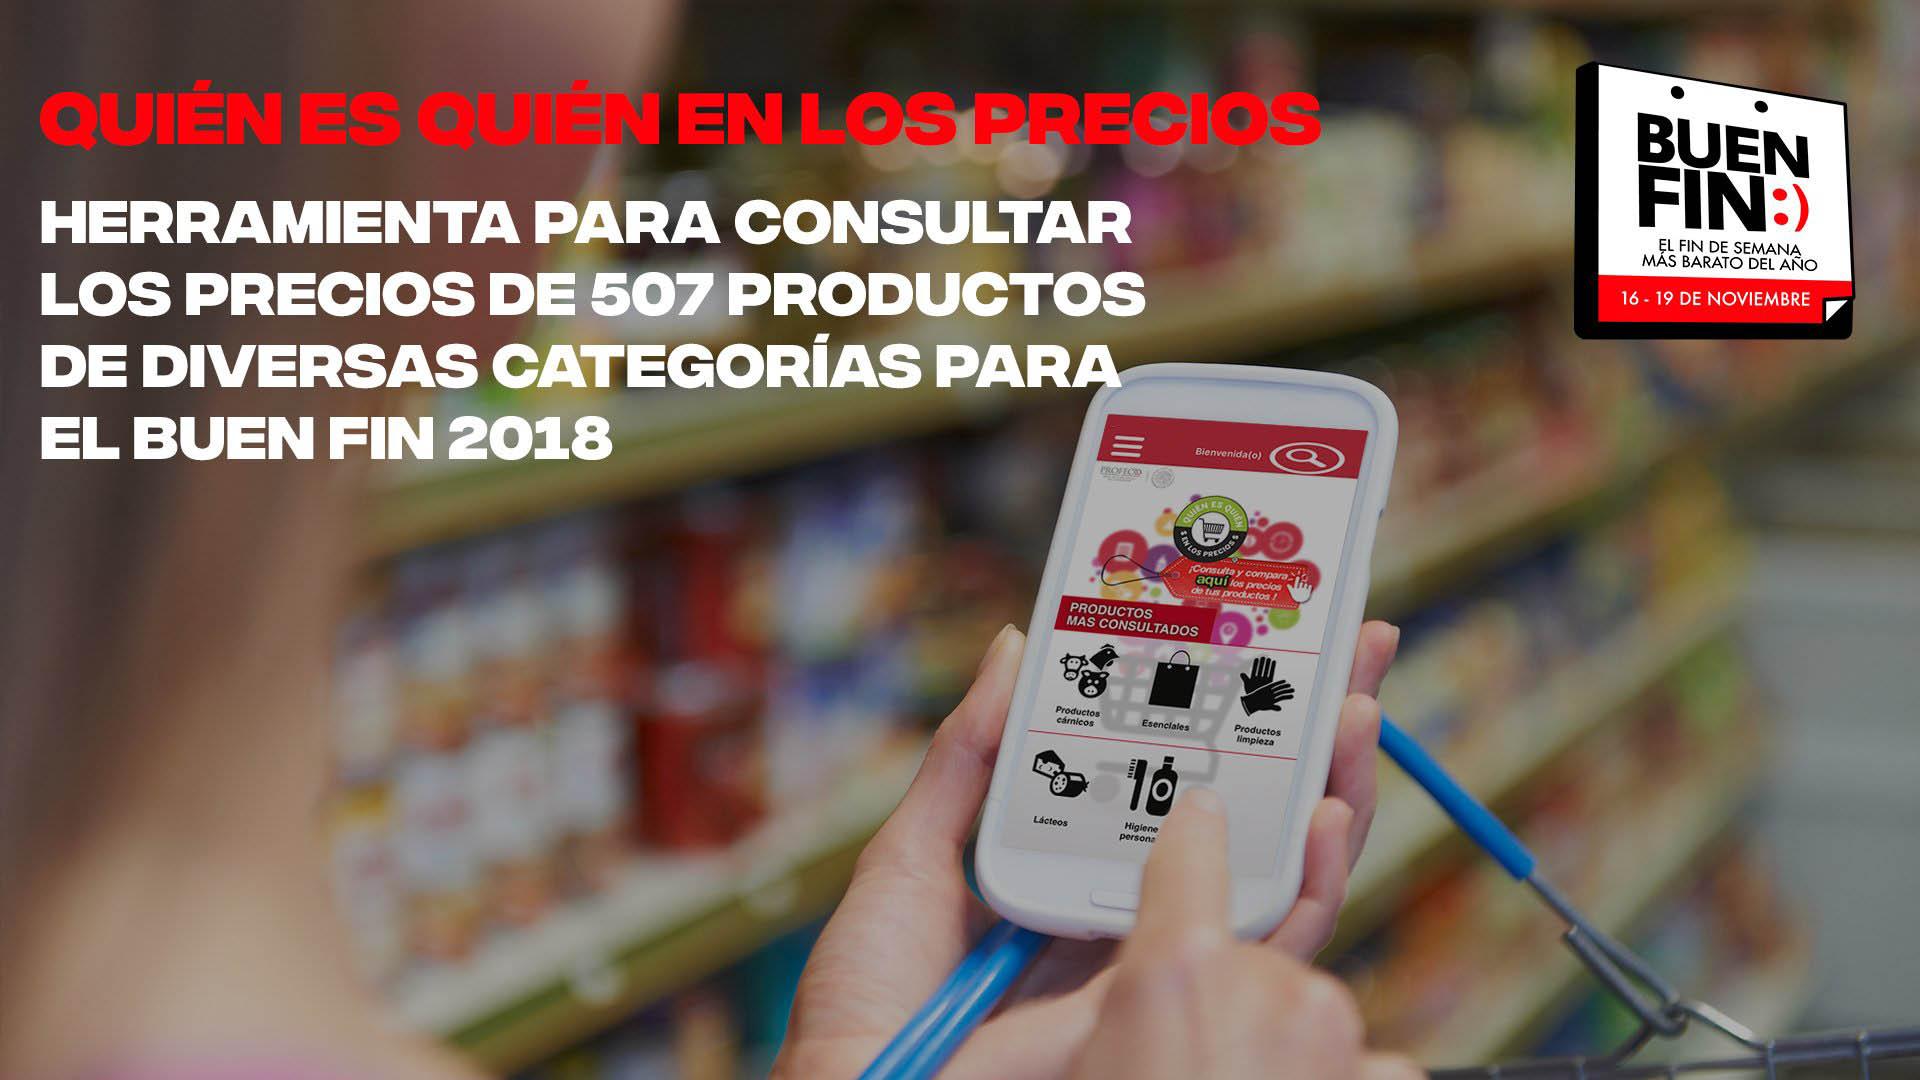 La app permite comparar precios de productos por establecimiento (Foto: @ElBuenFin)